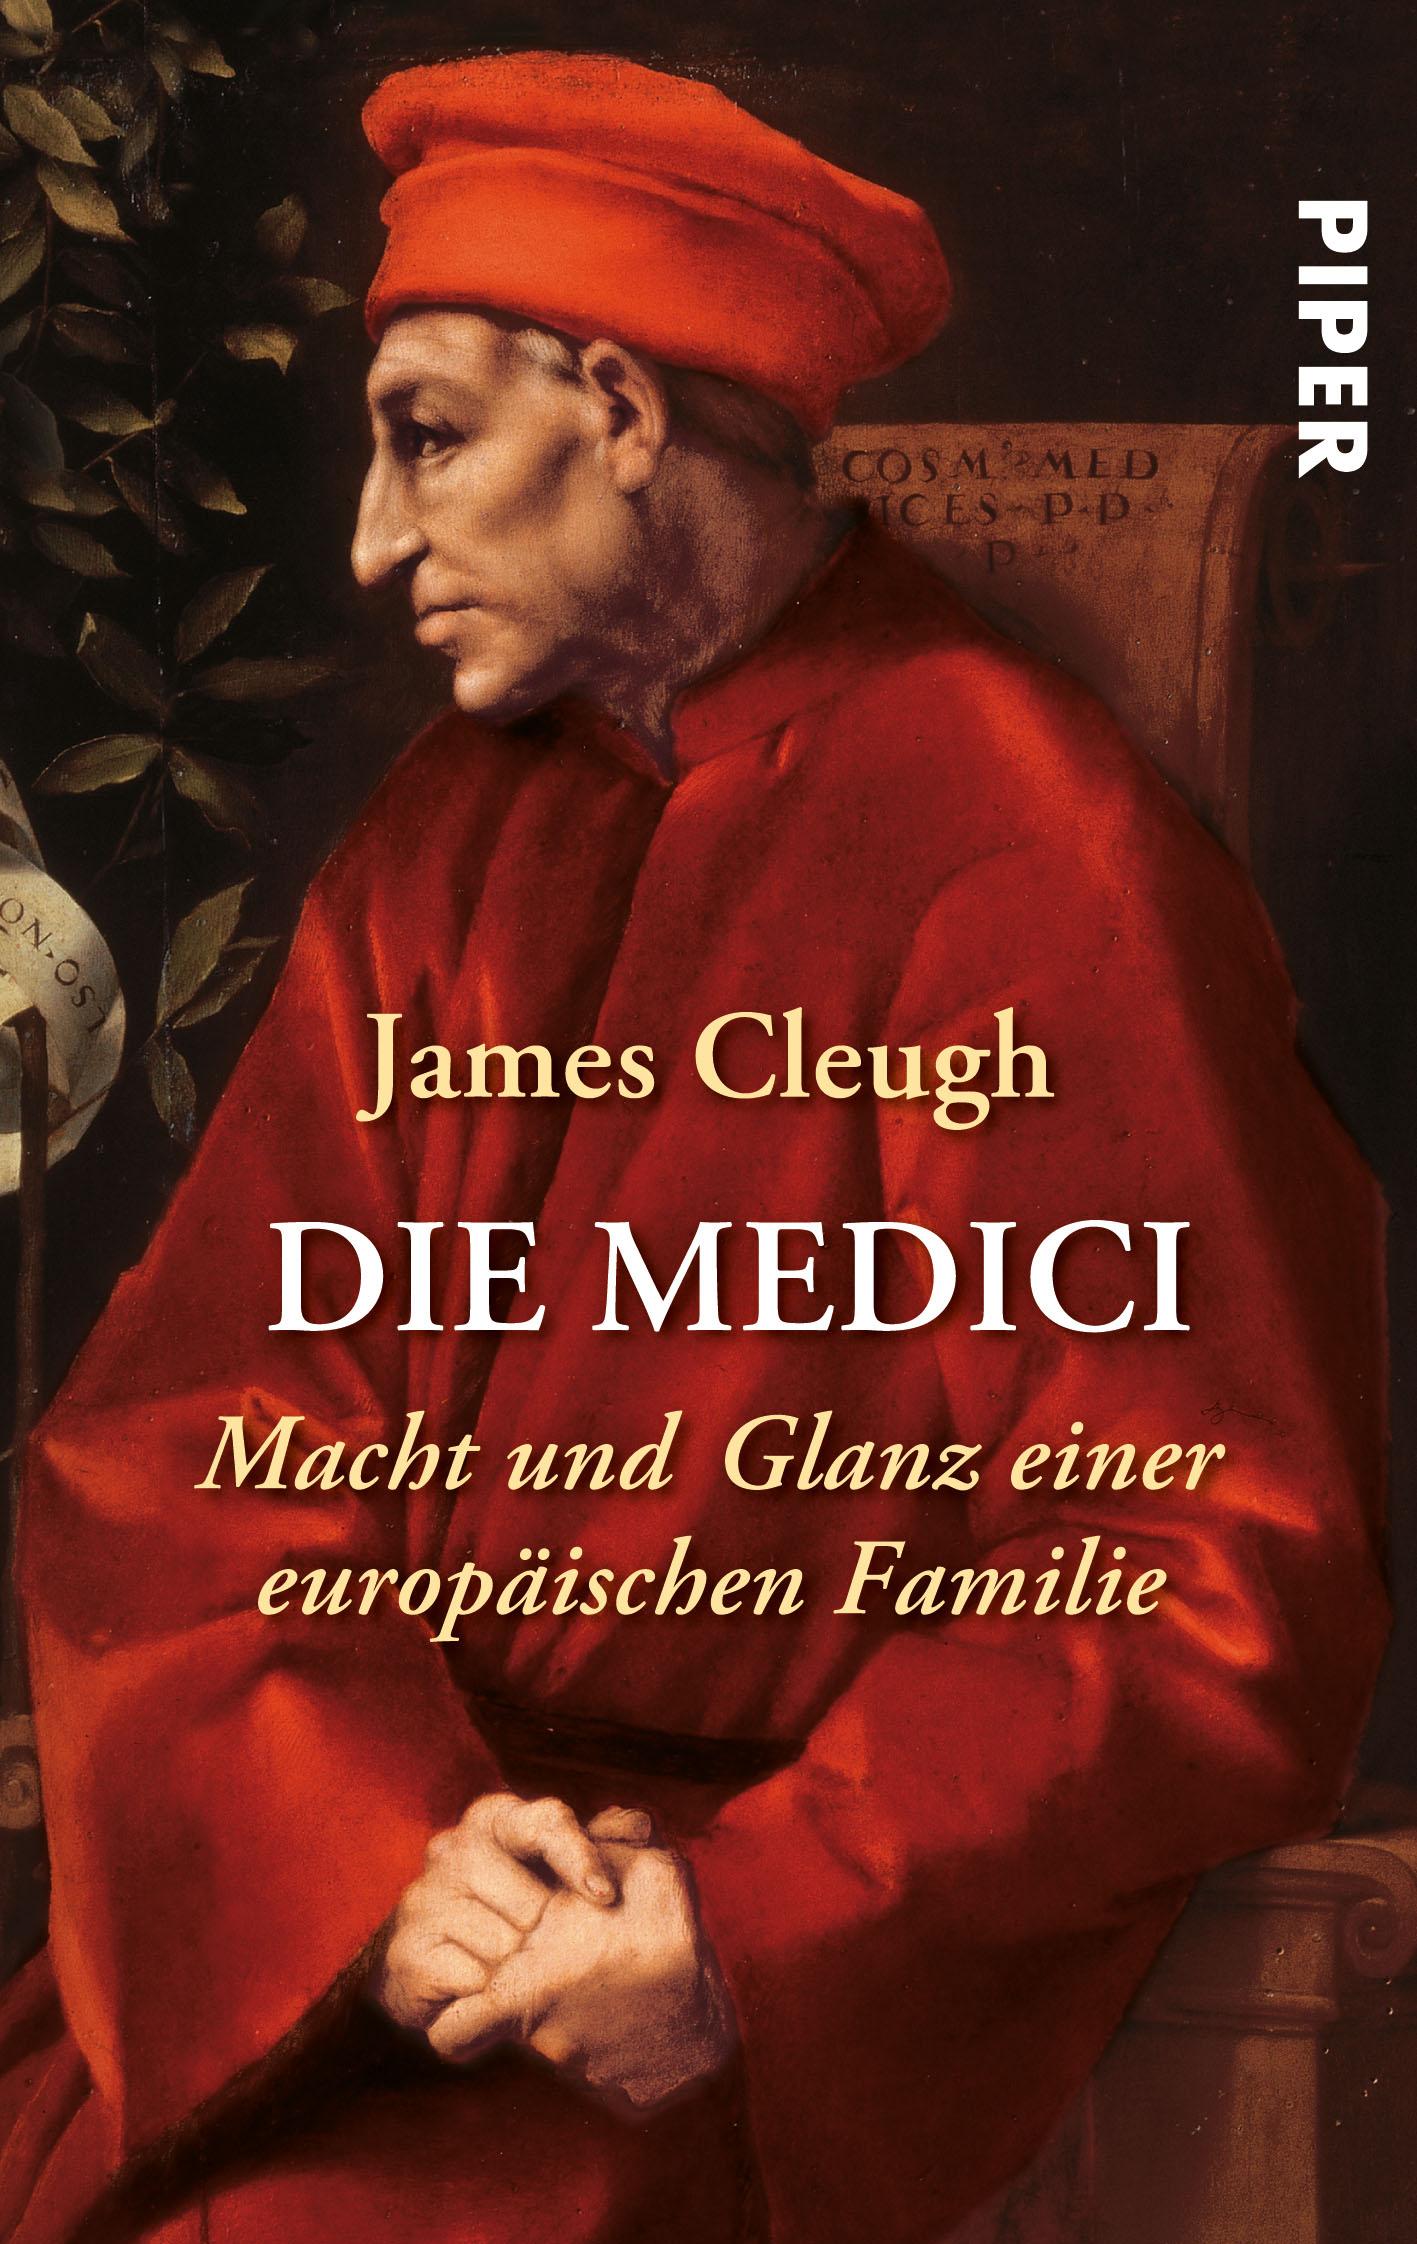 Die Medici: Macht und Glanz einer europäischen Familie - James Cleugh